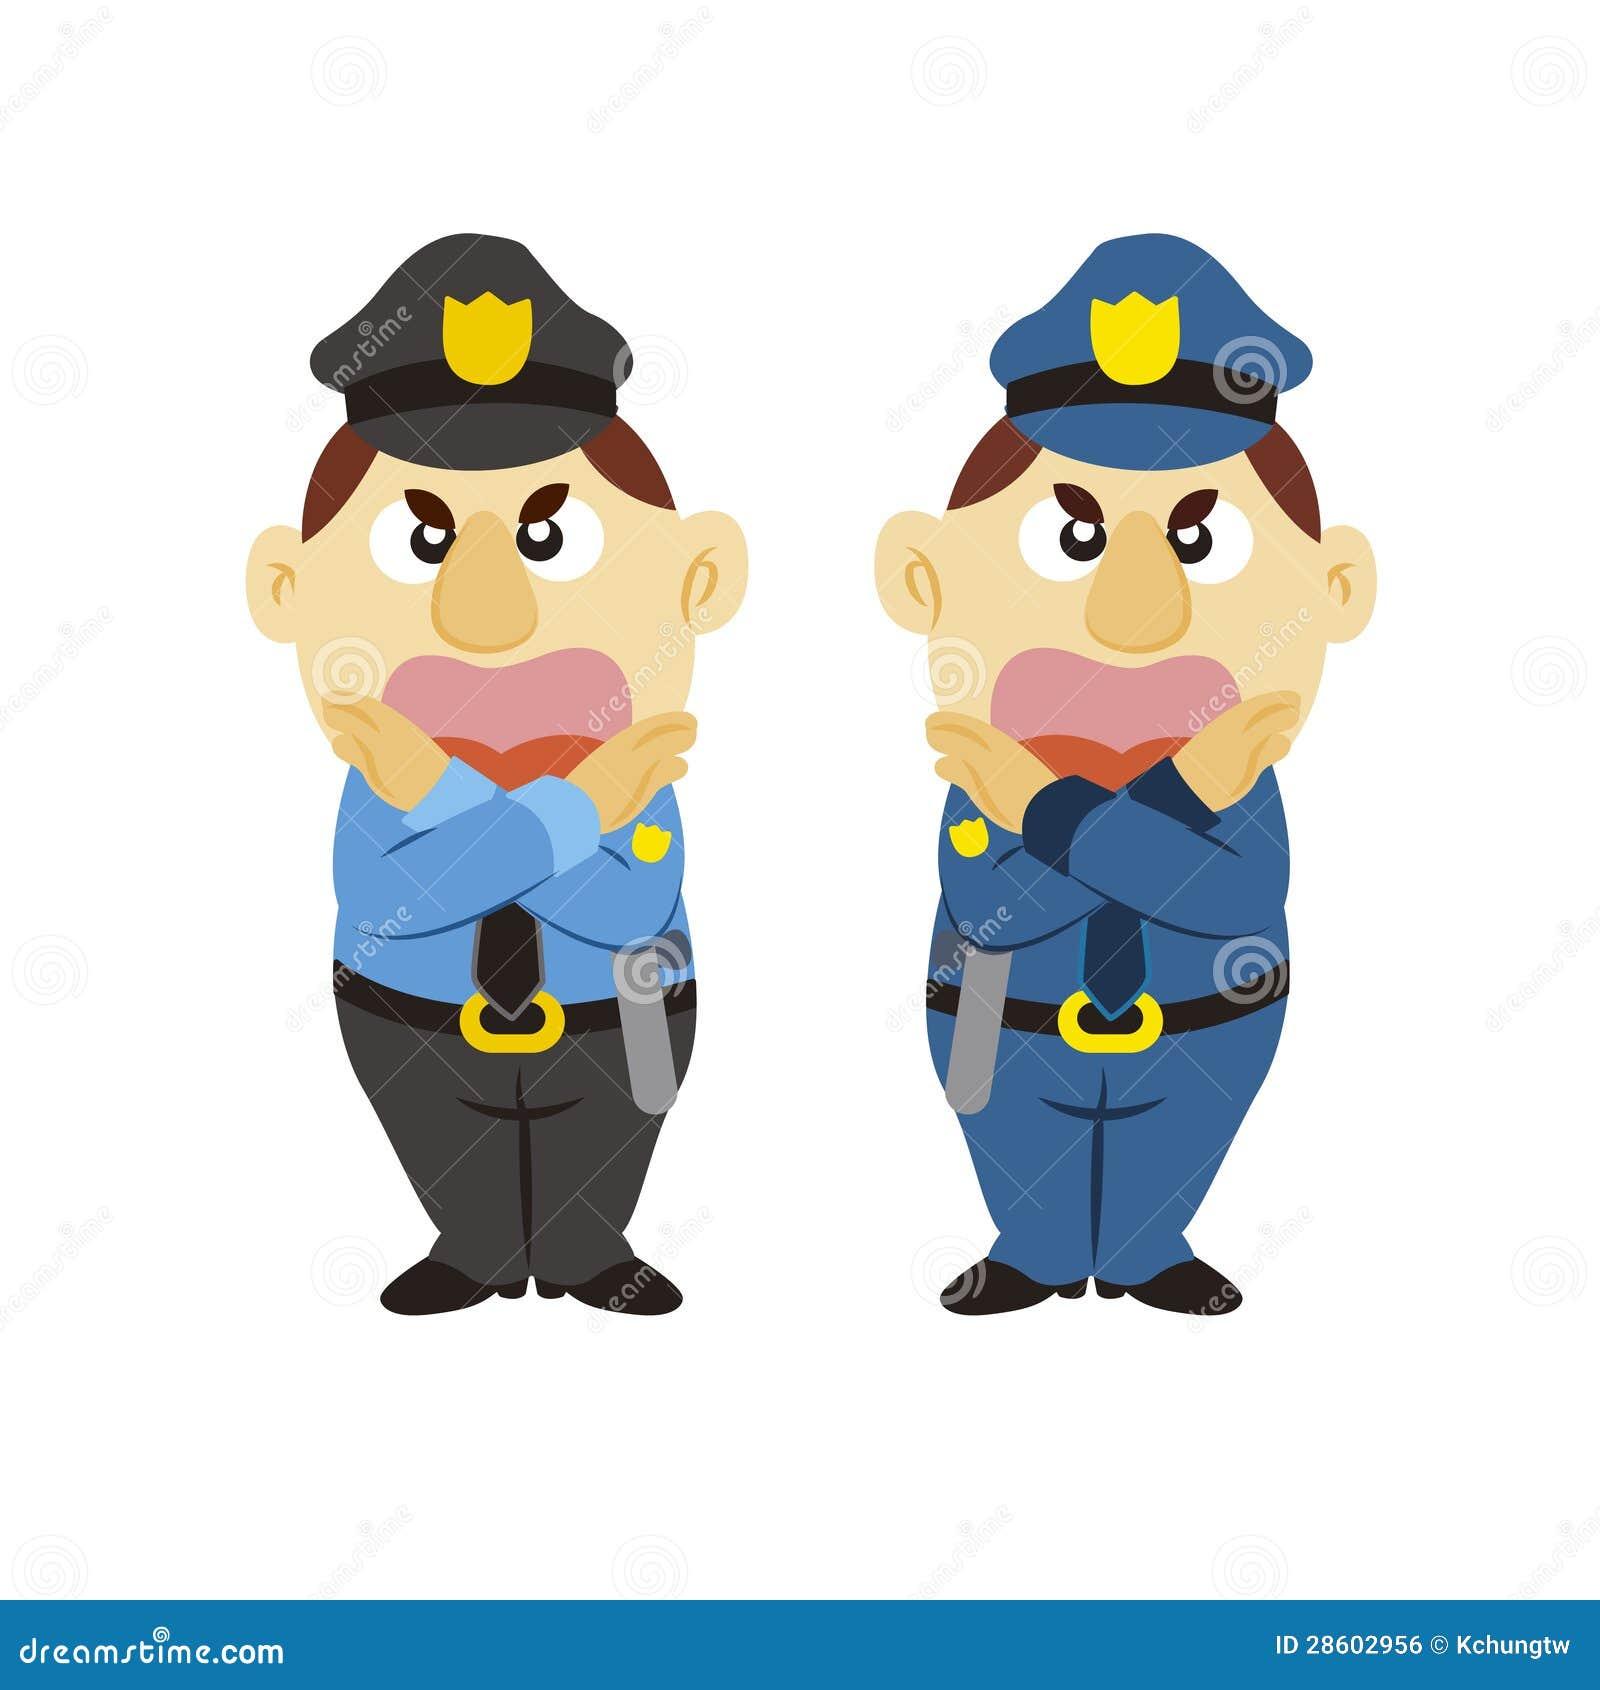 Poliziotto divertente del fumetto due colori immagine - Immagine del mouse a colori ...